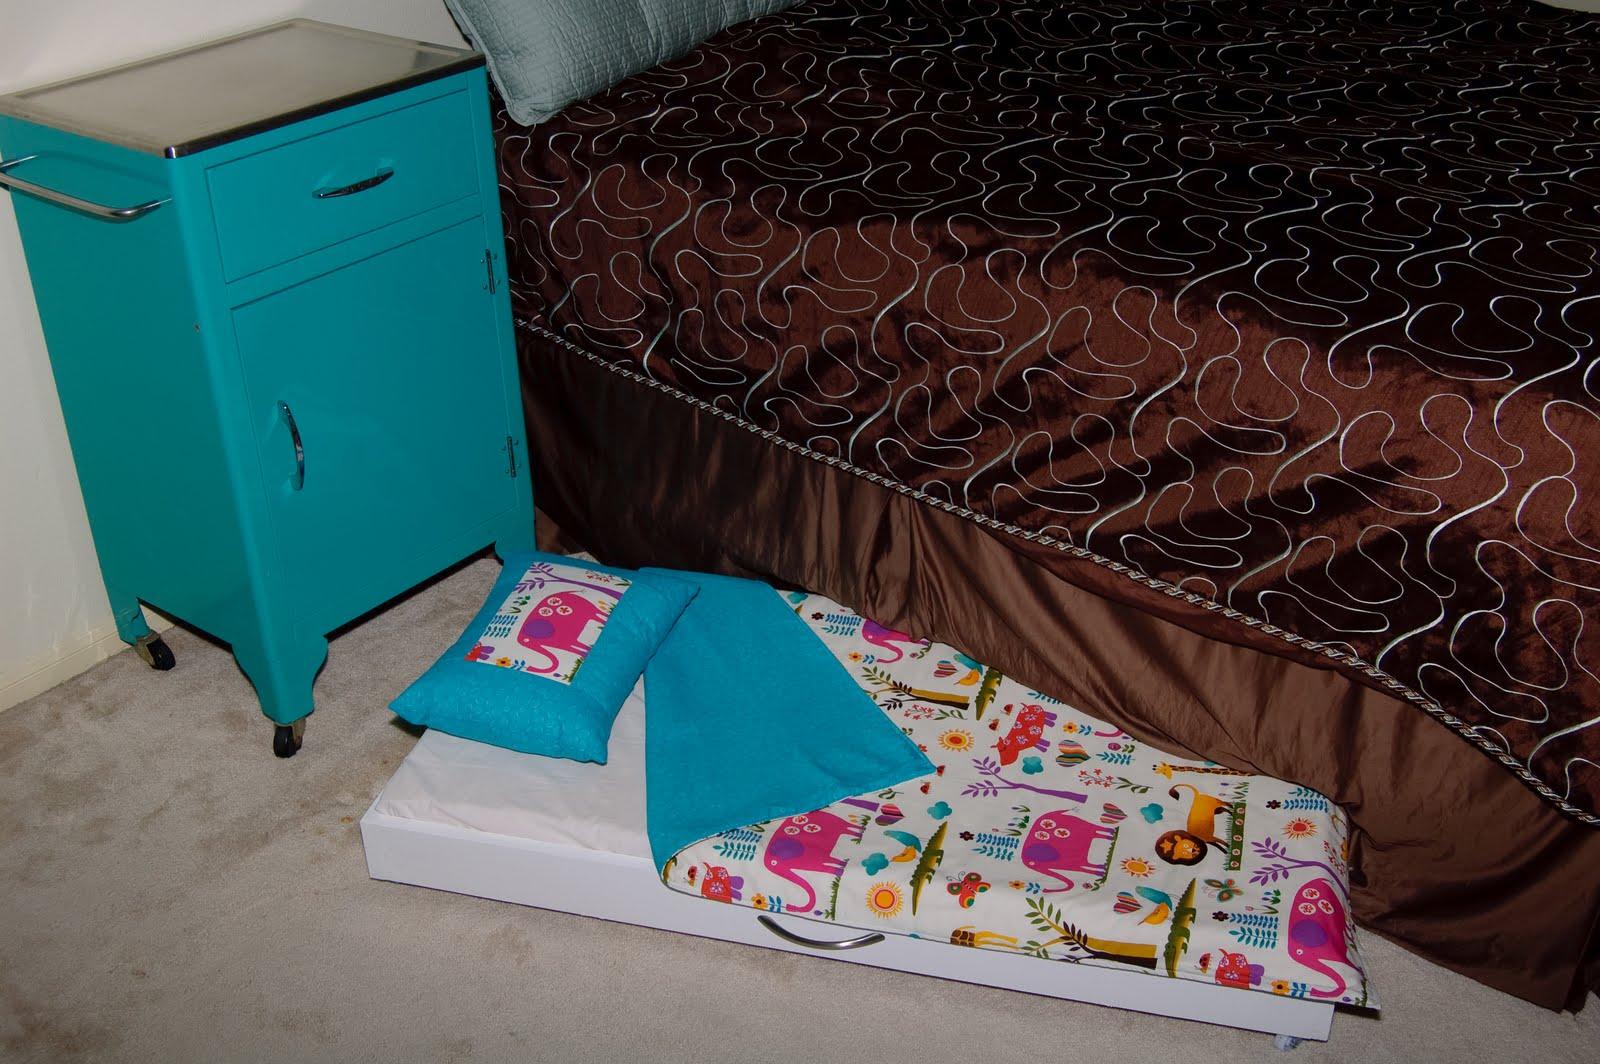 lilybug designs toddler trundle bed tutorial -